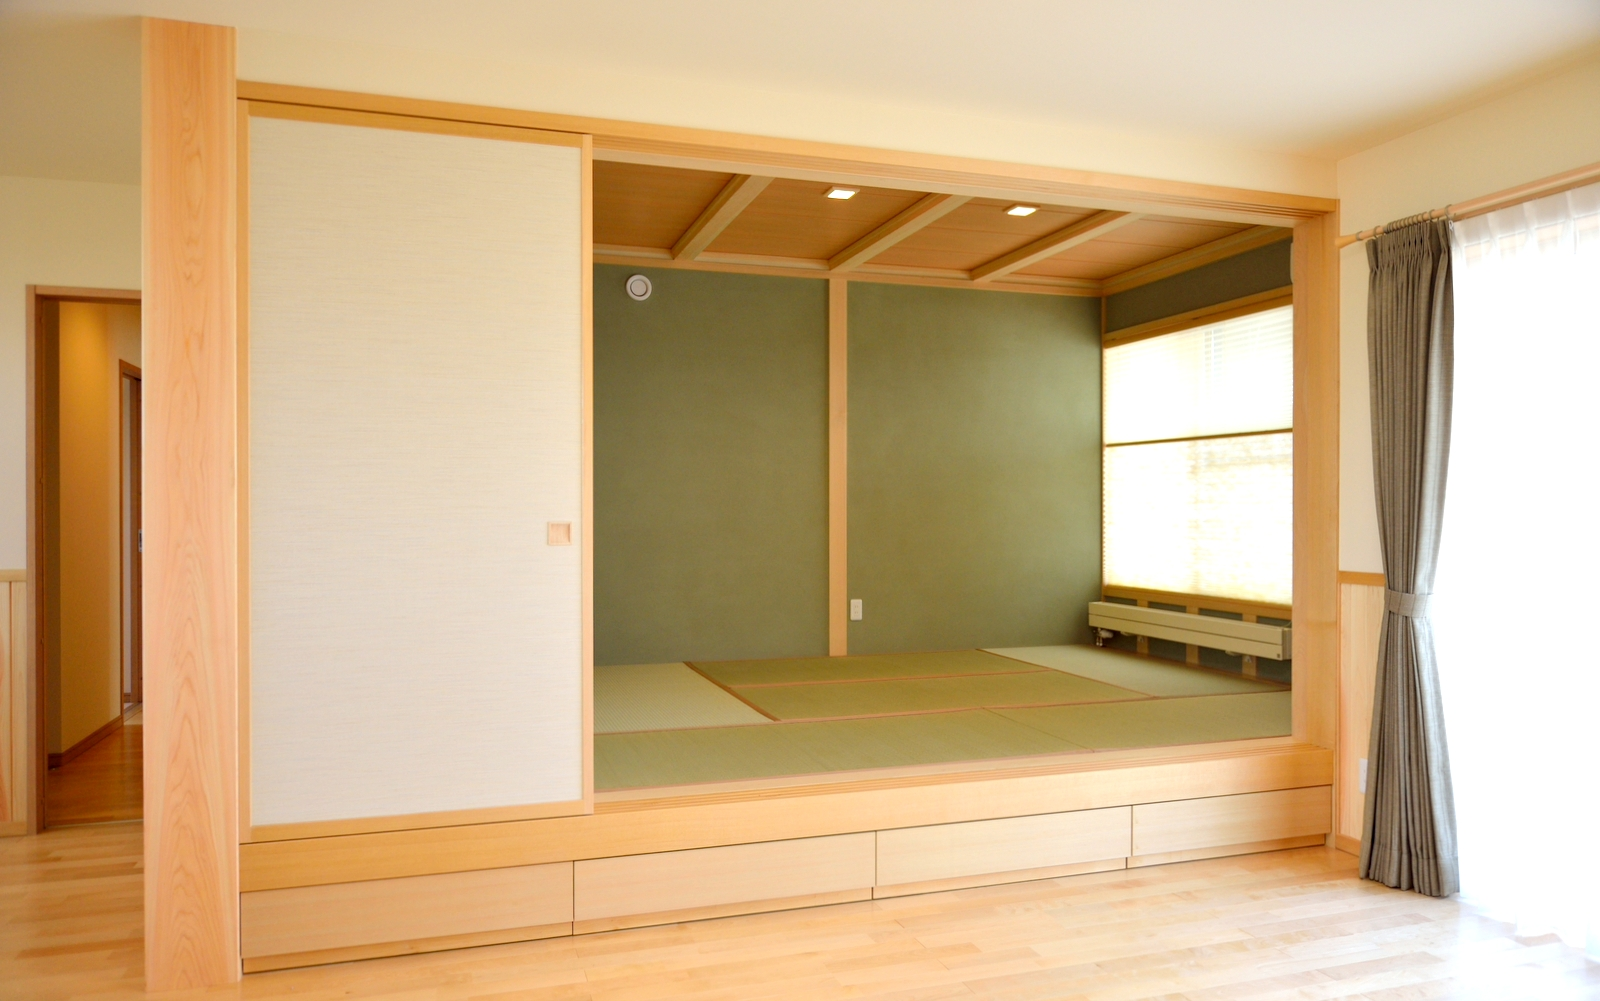 あると落ち着く畳スペース、小上がりにして畳下にも引出し収納を設置